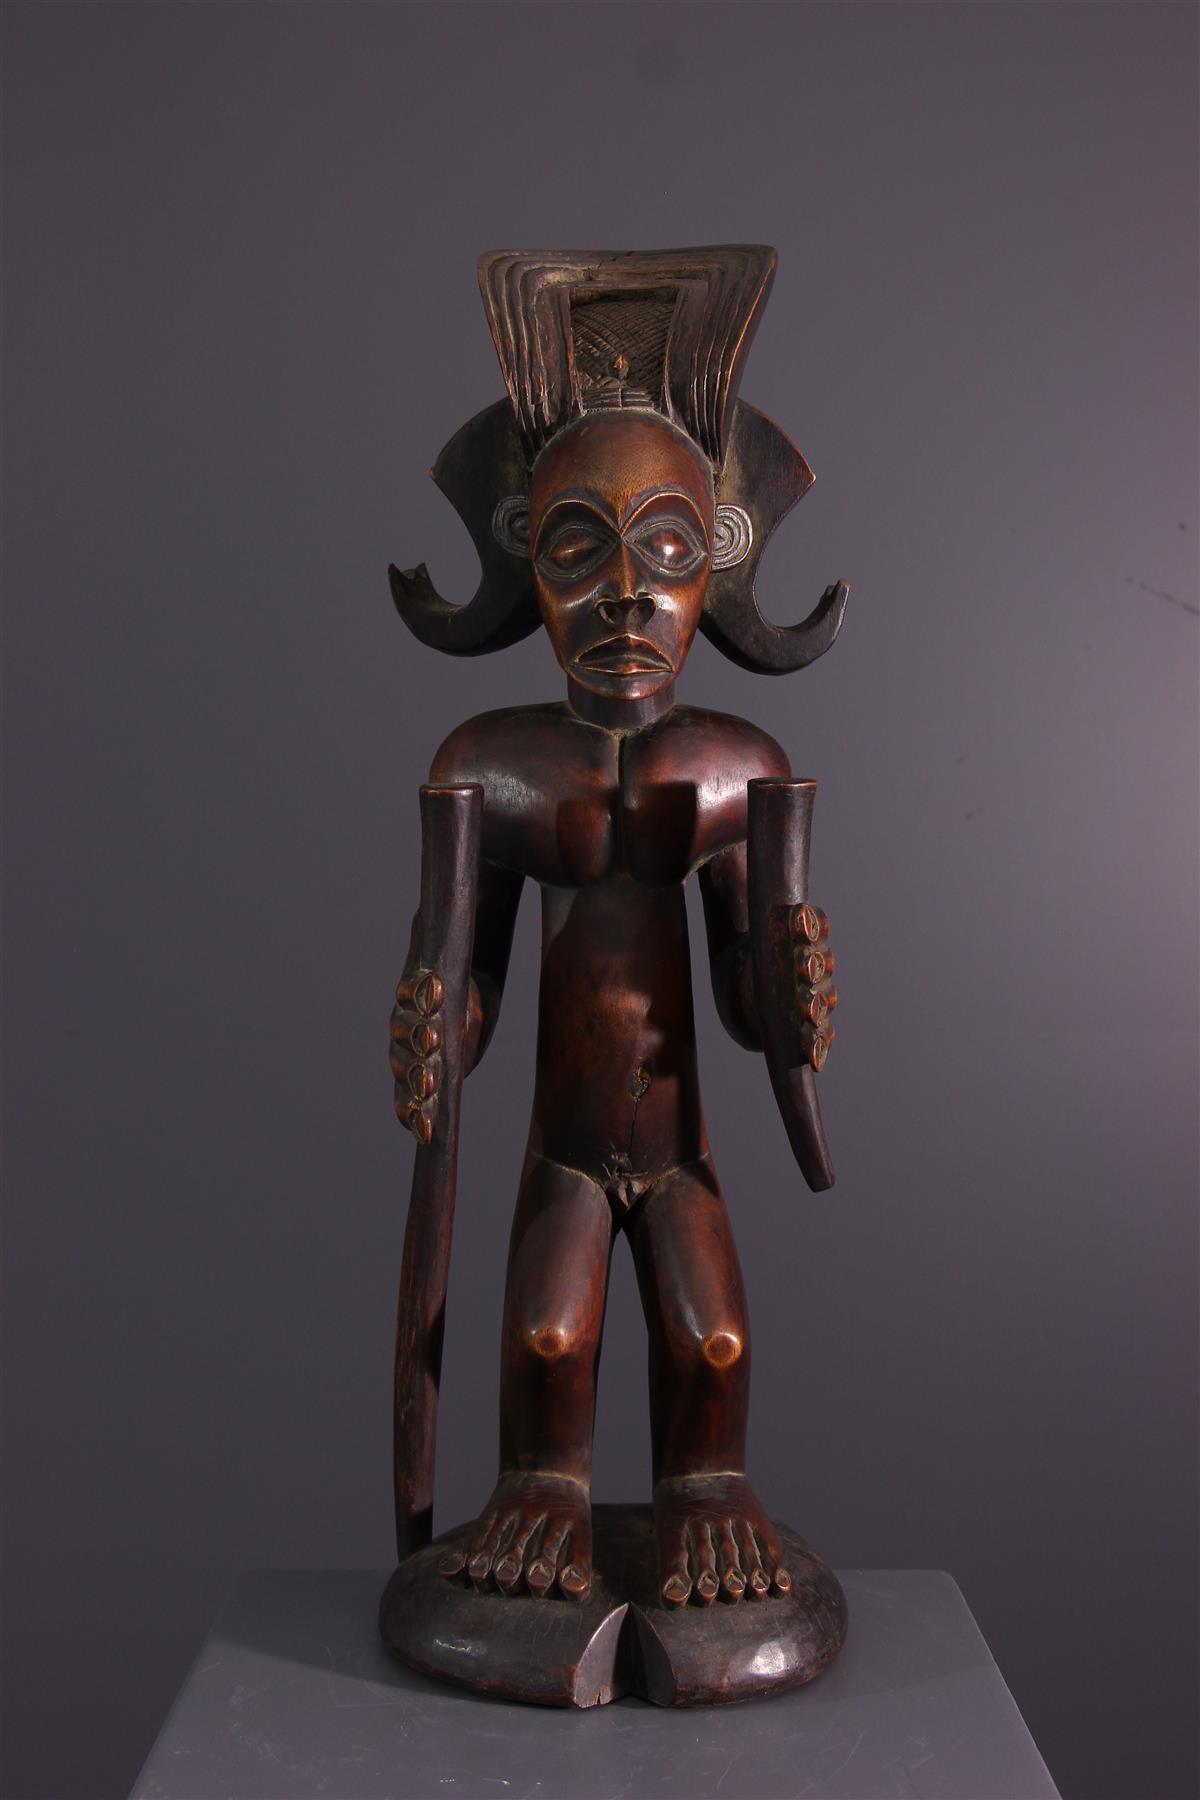 Tschokwe figure - African art